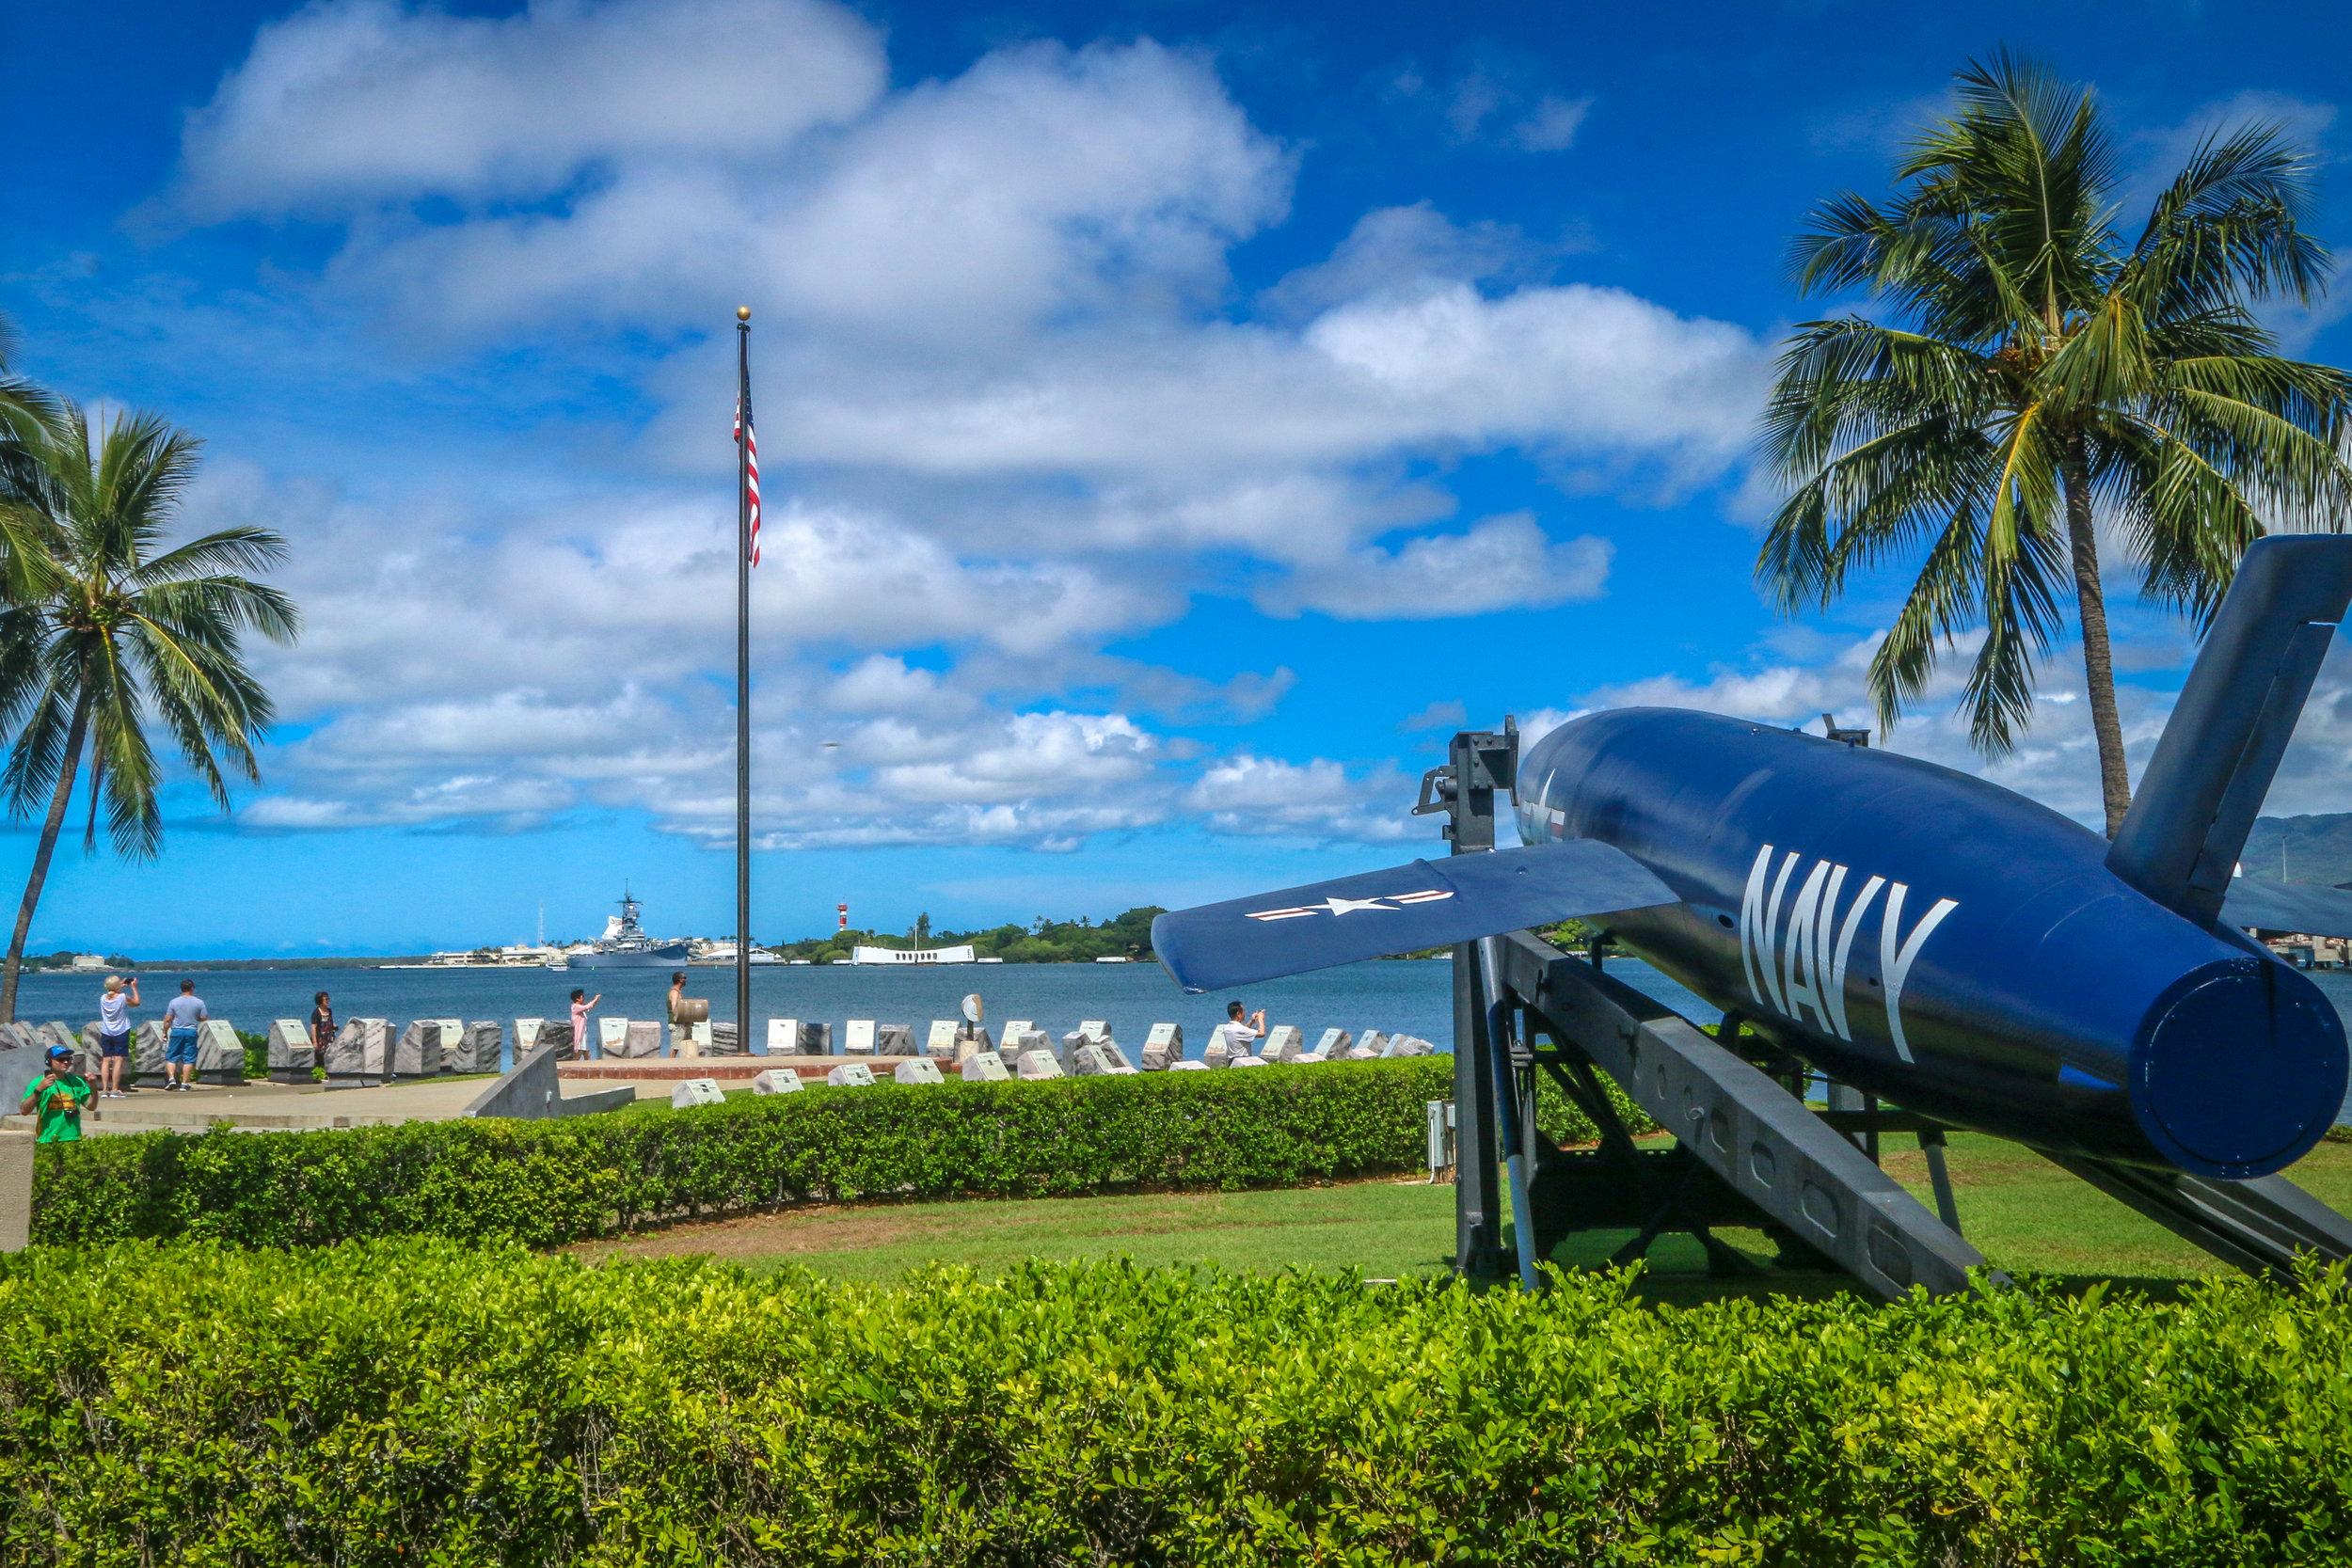 Oahu Hawaii HI photos photography pearl harbor